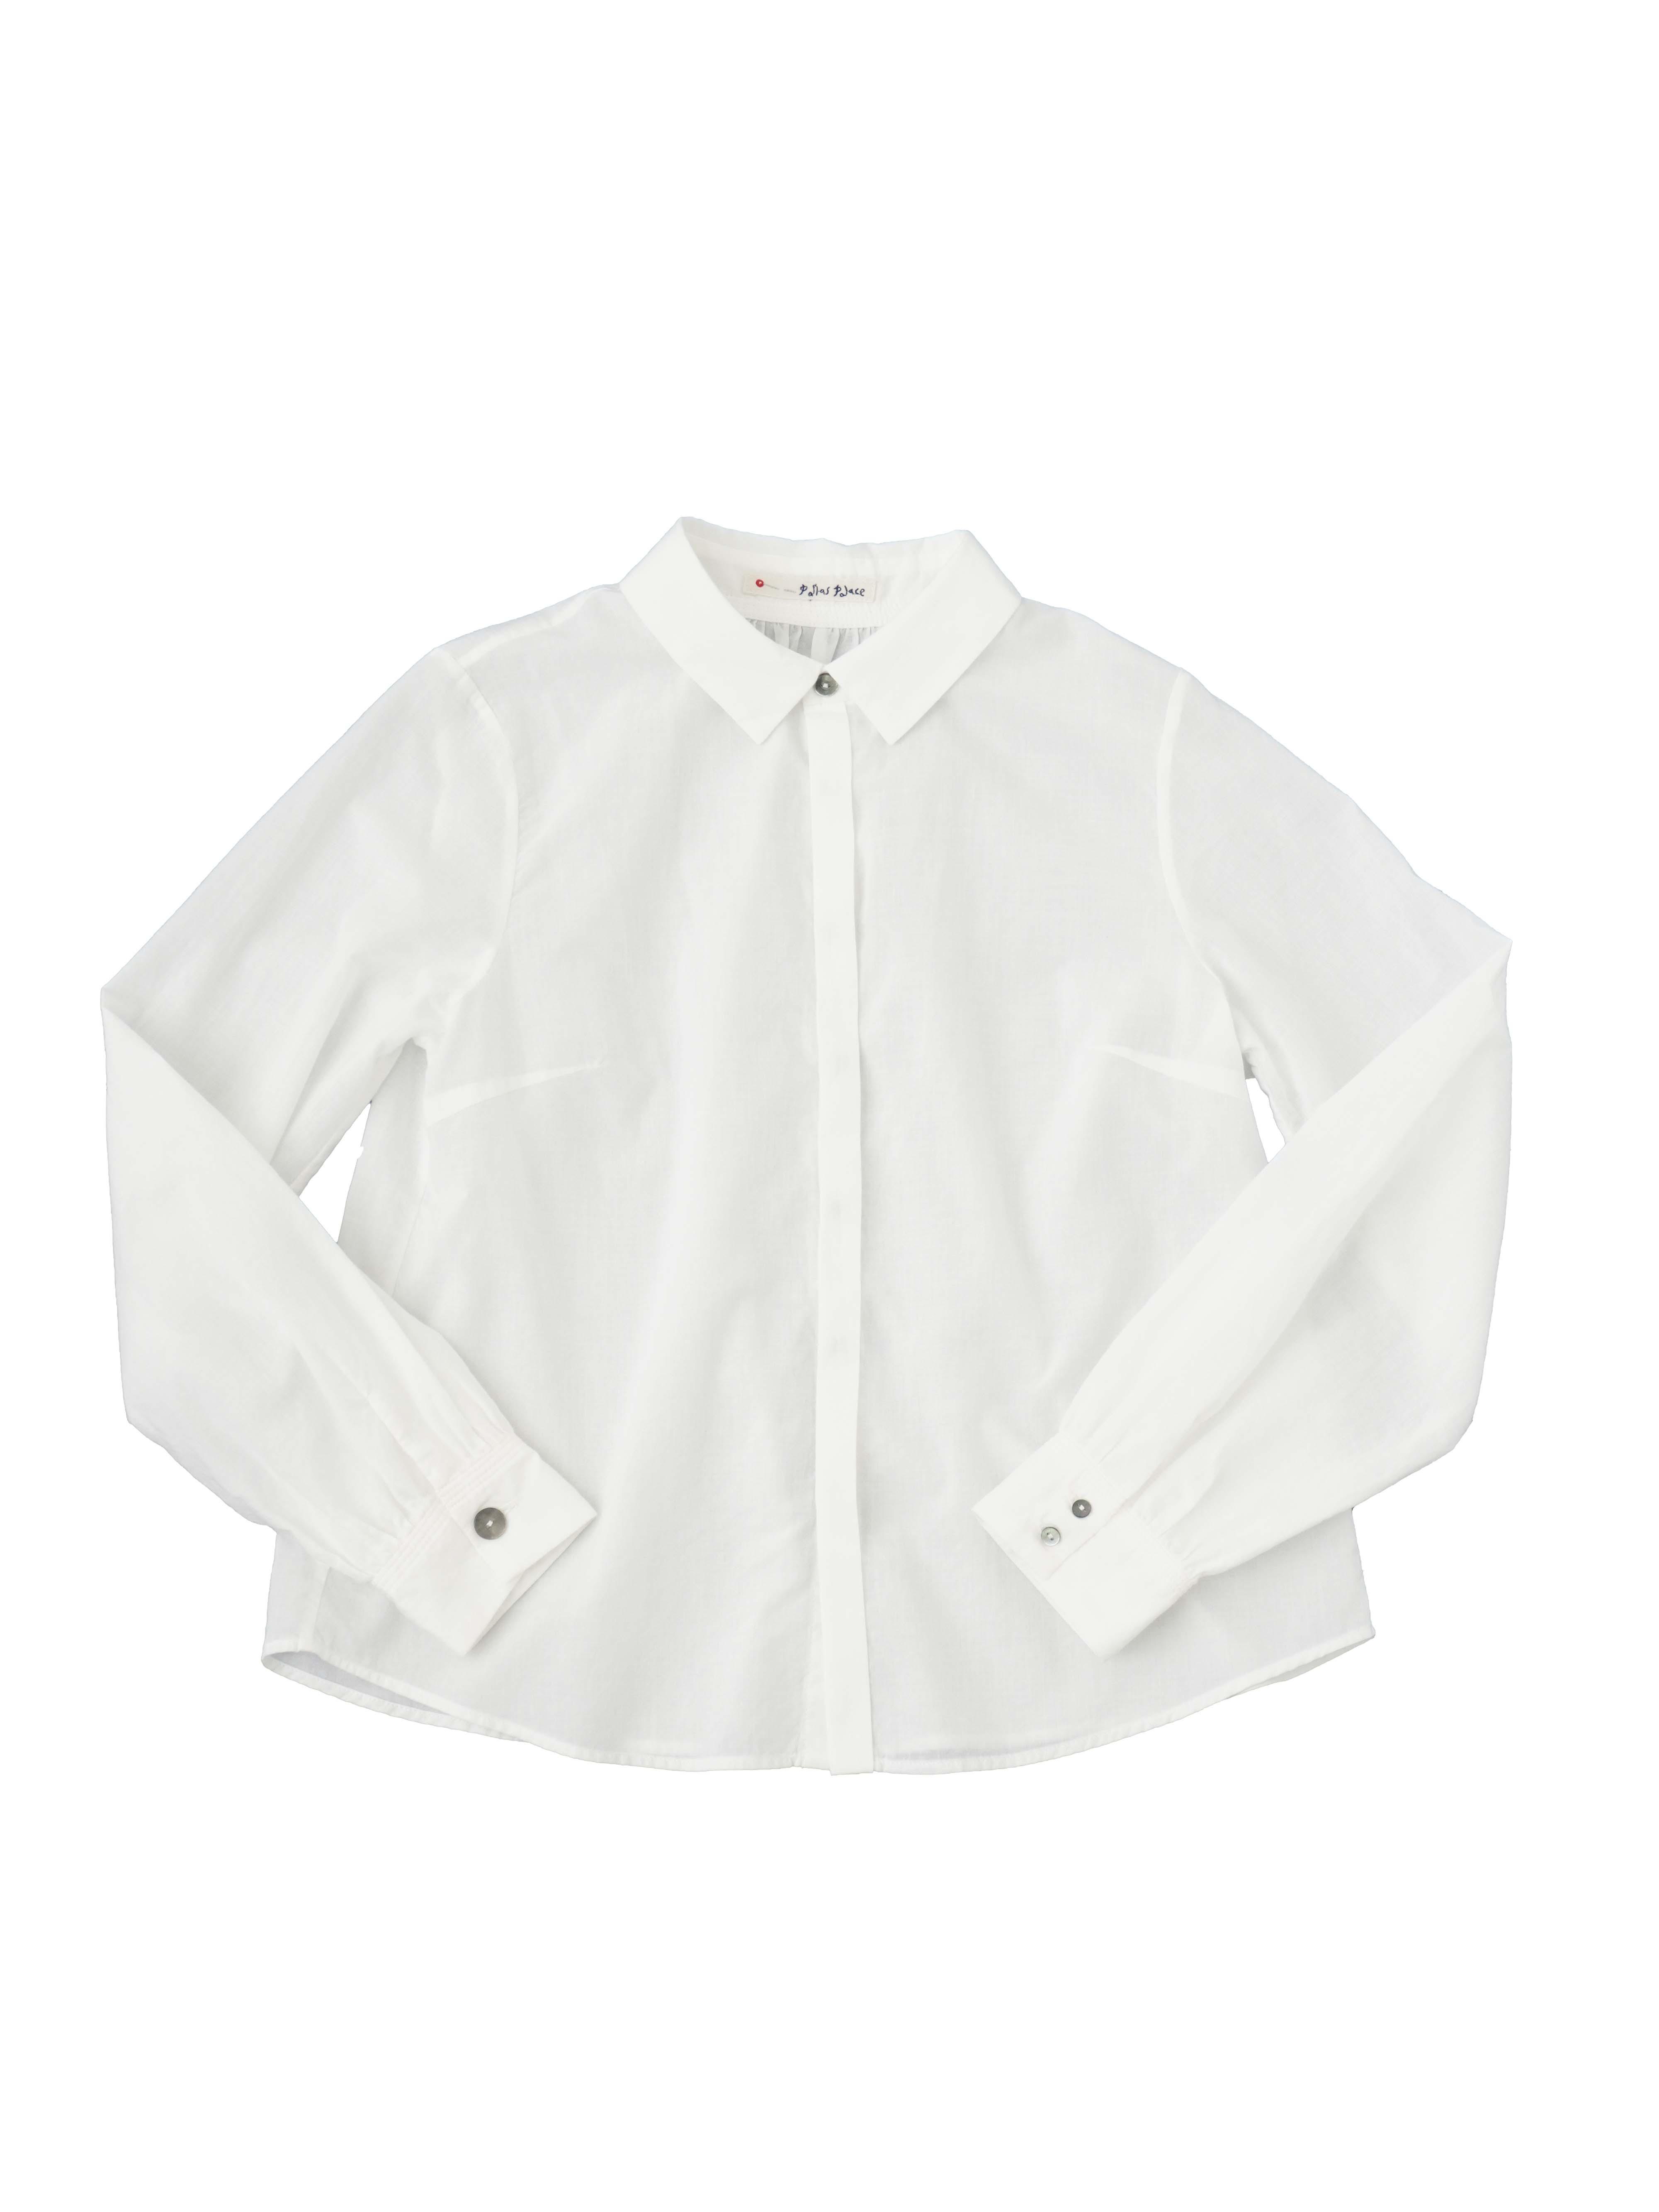 60/ローンパフィーウォッシュレギュラーシャツ